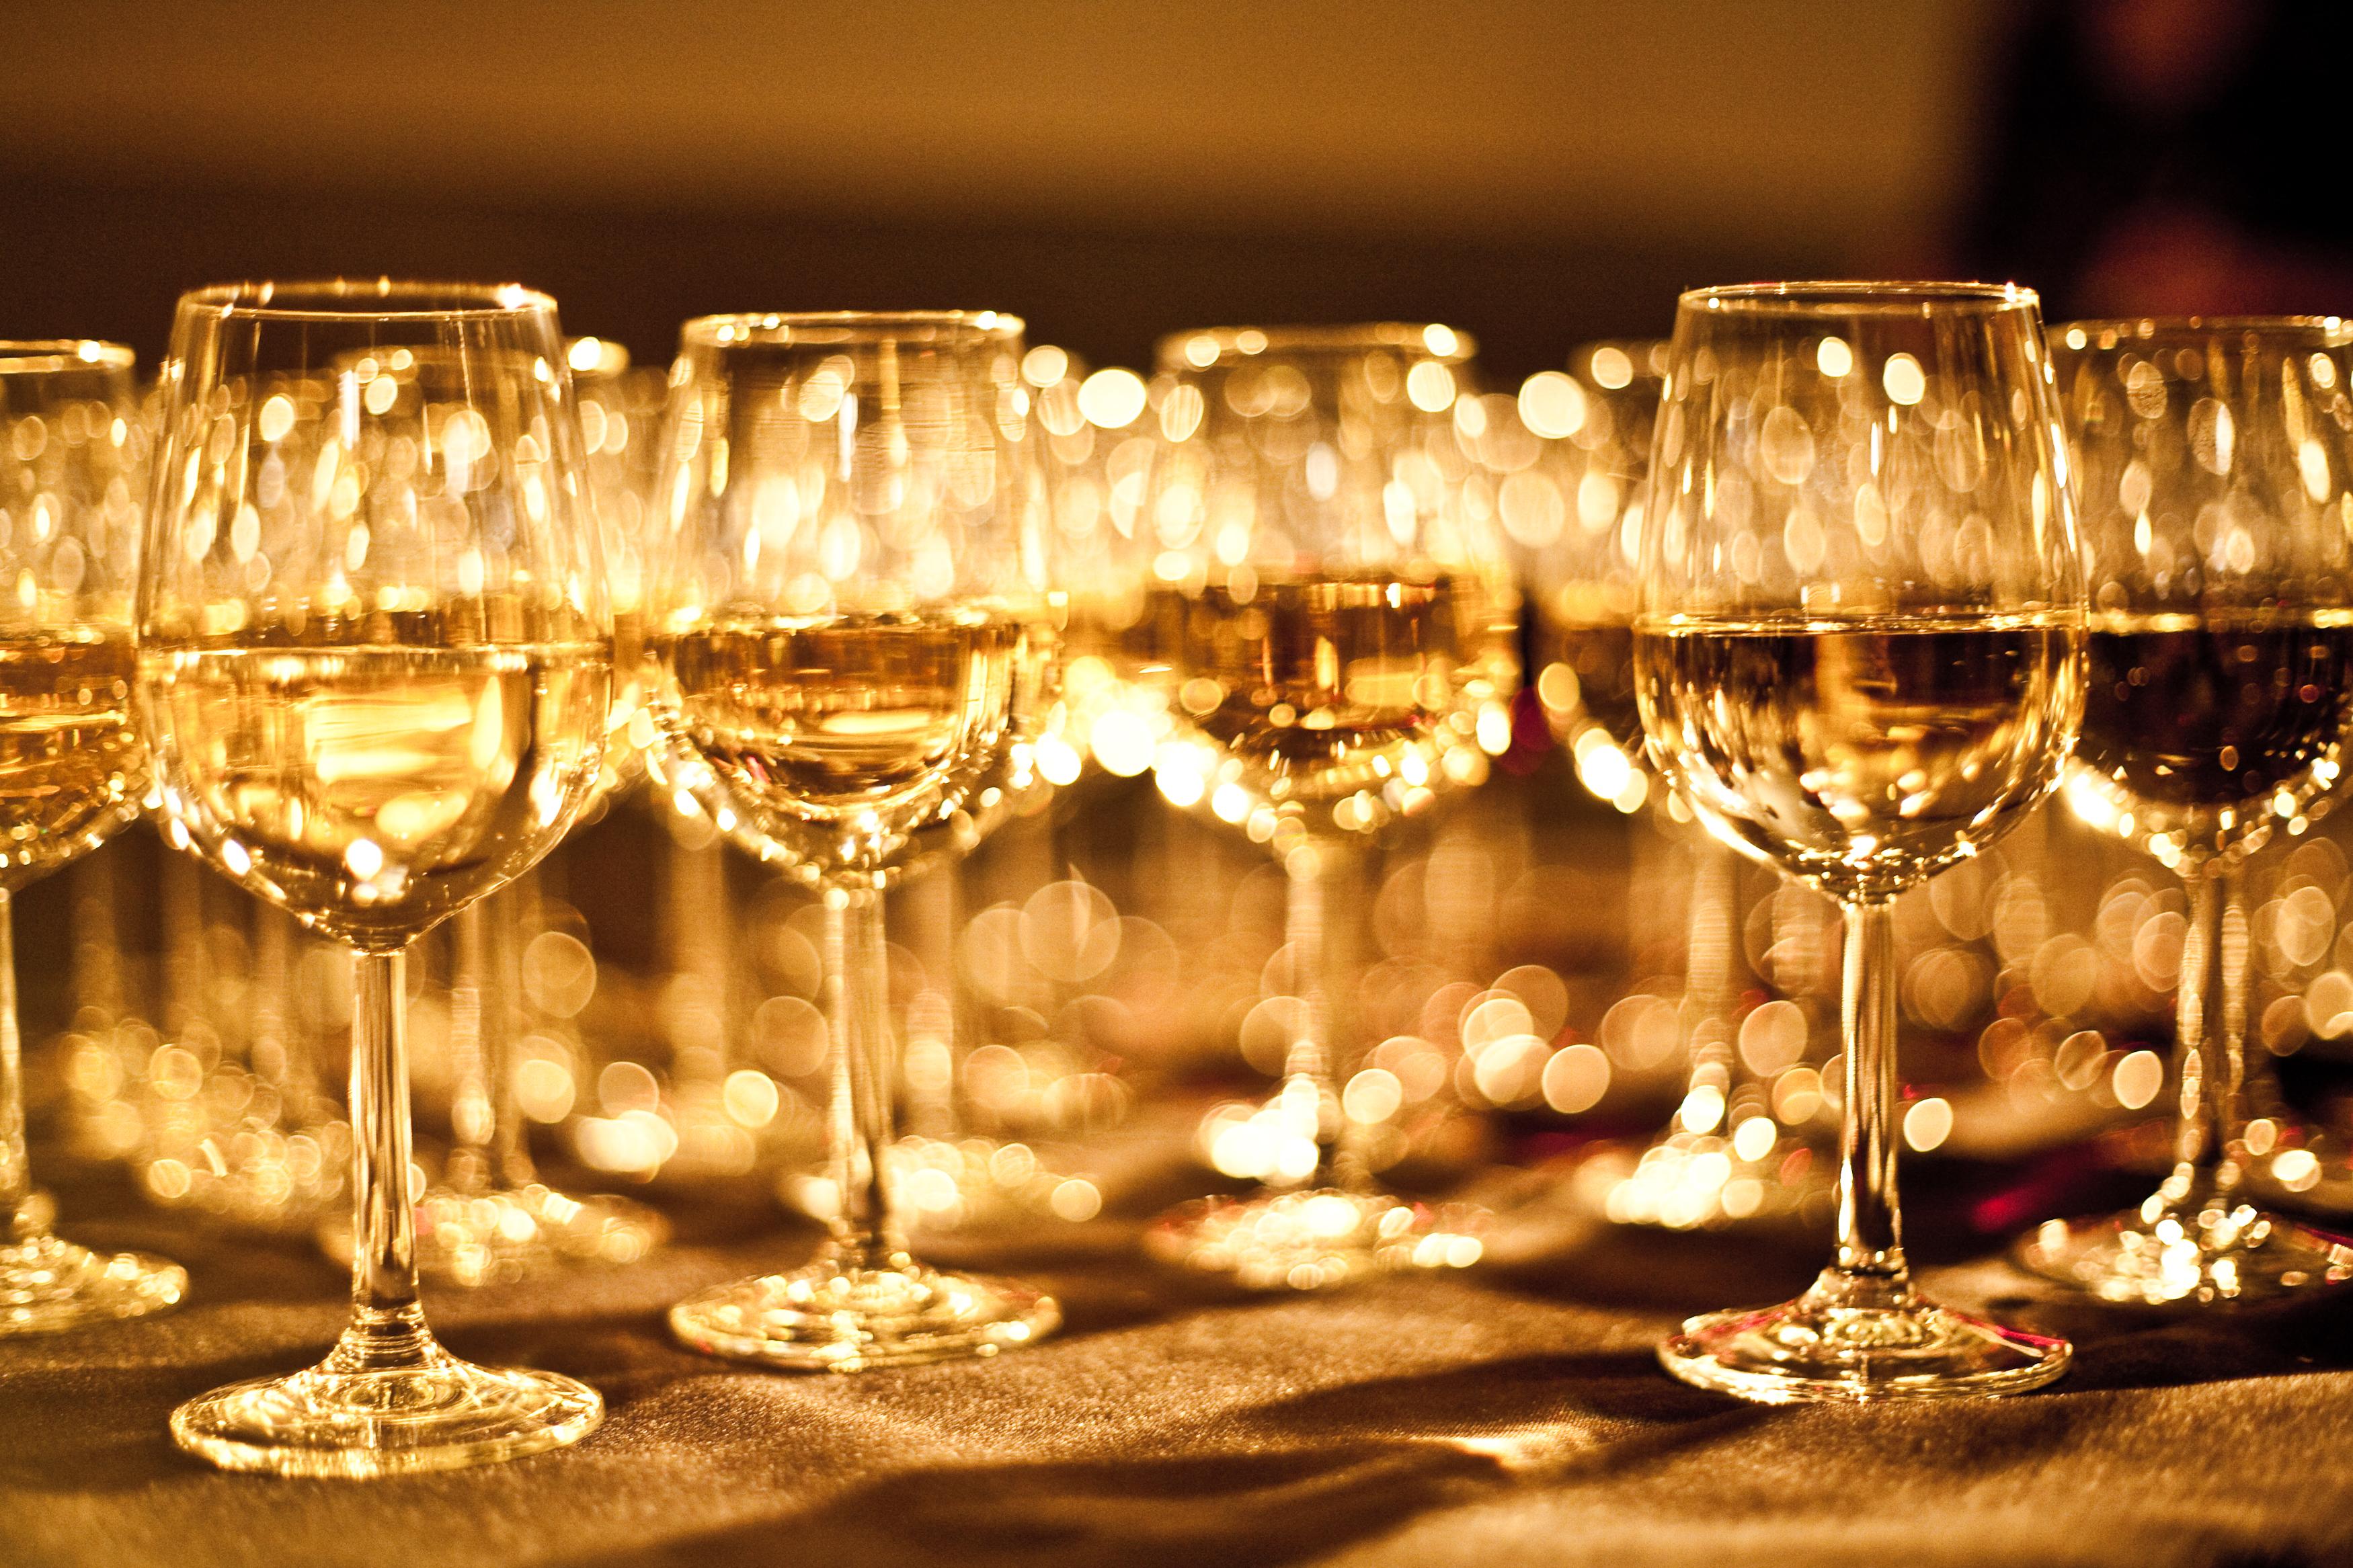 Vinhos Assemblage II – Hyatt Wine Club